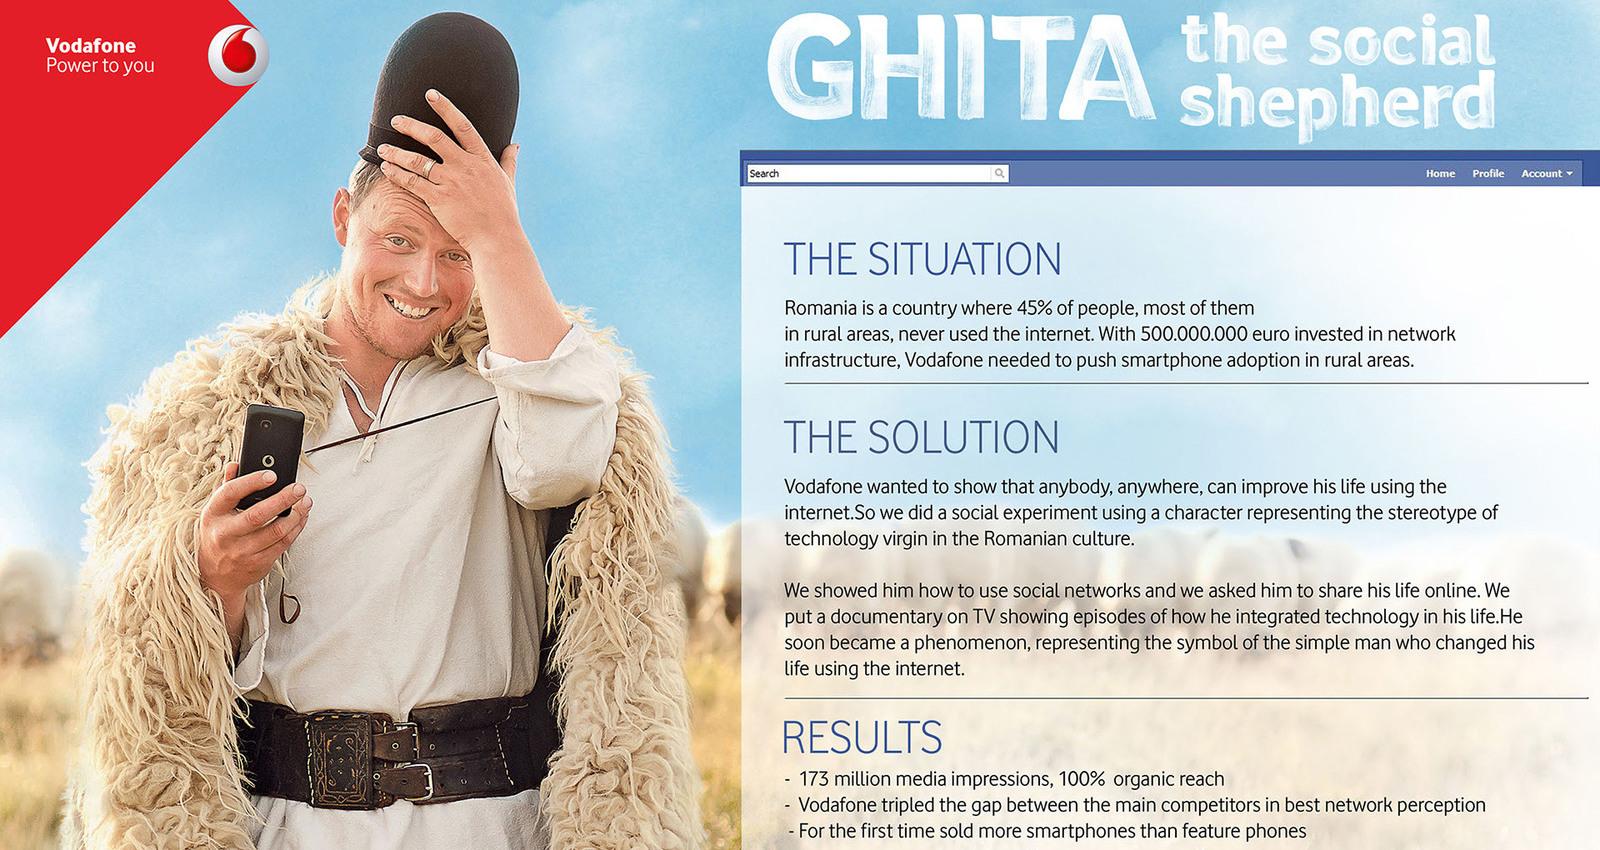 Ghita, The Social Shepherd